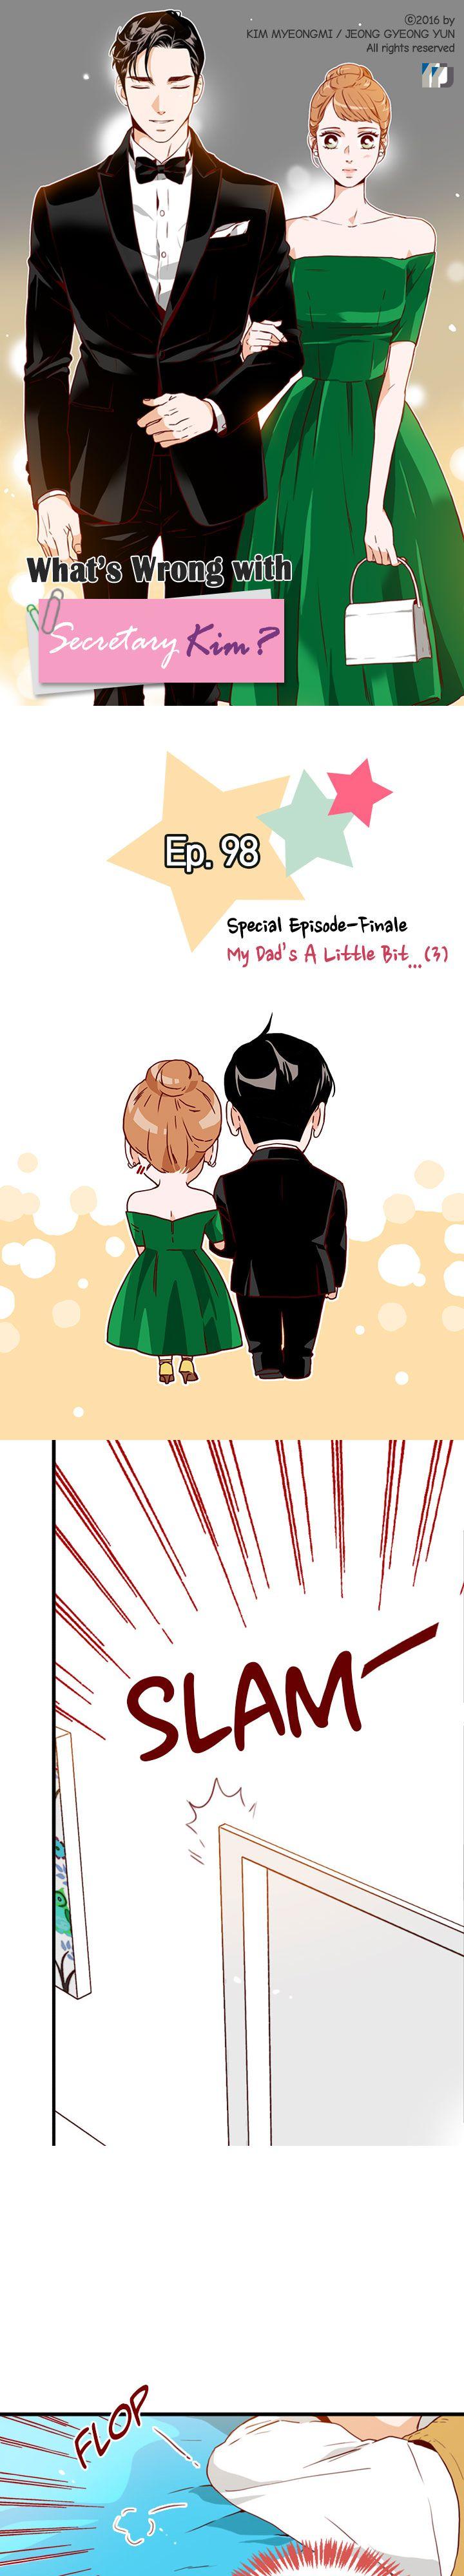 https://manga.mangadogs.com/comics/pic2/15/25807/960755/f2669241f7cca3f1306082b7a9f458ed.jpg Page 1